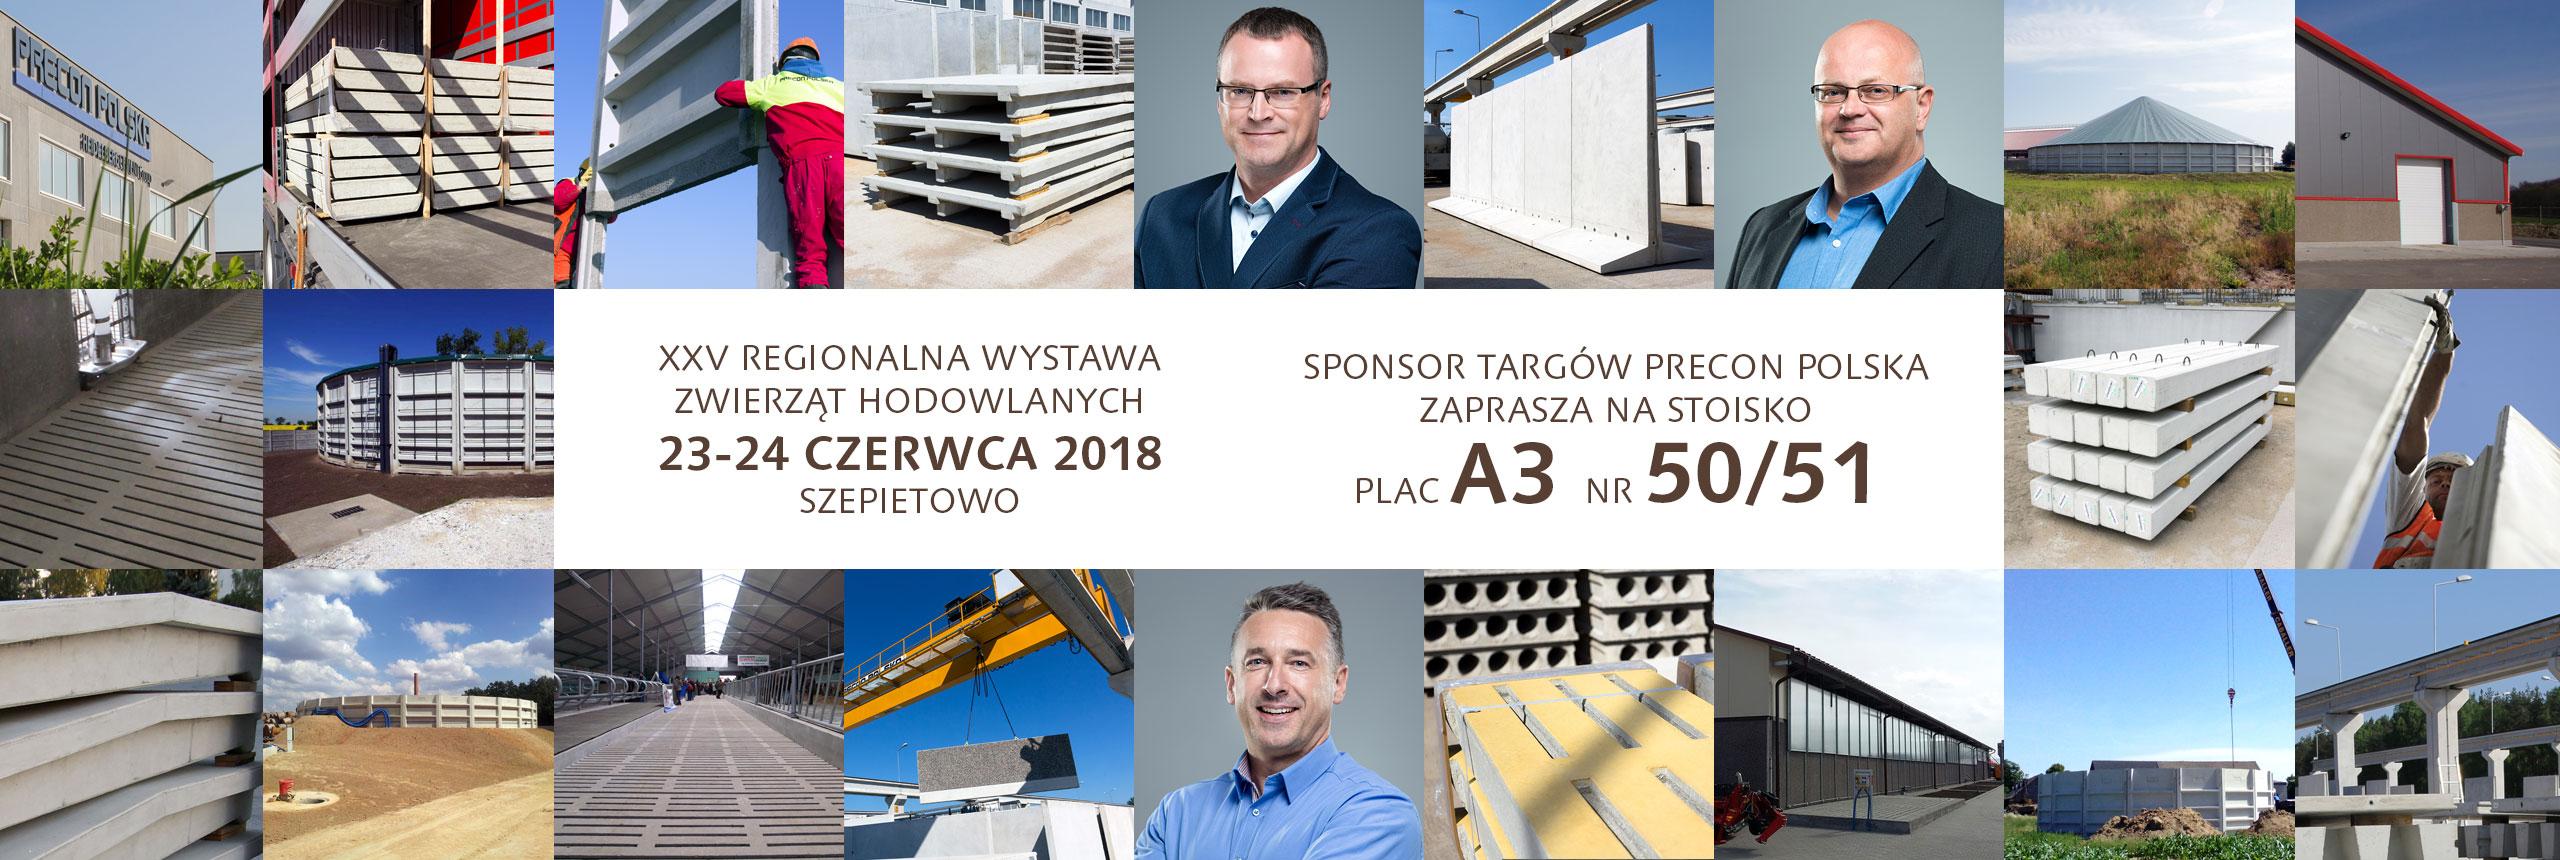 Targi Rolnicze Szepietowo 2018 - Precon Polska